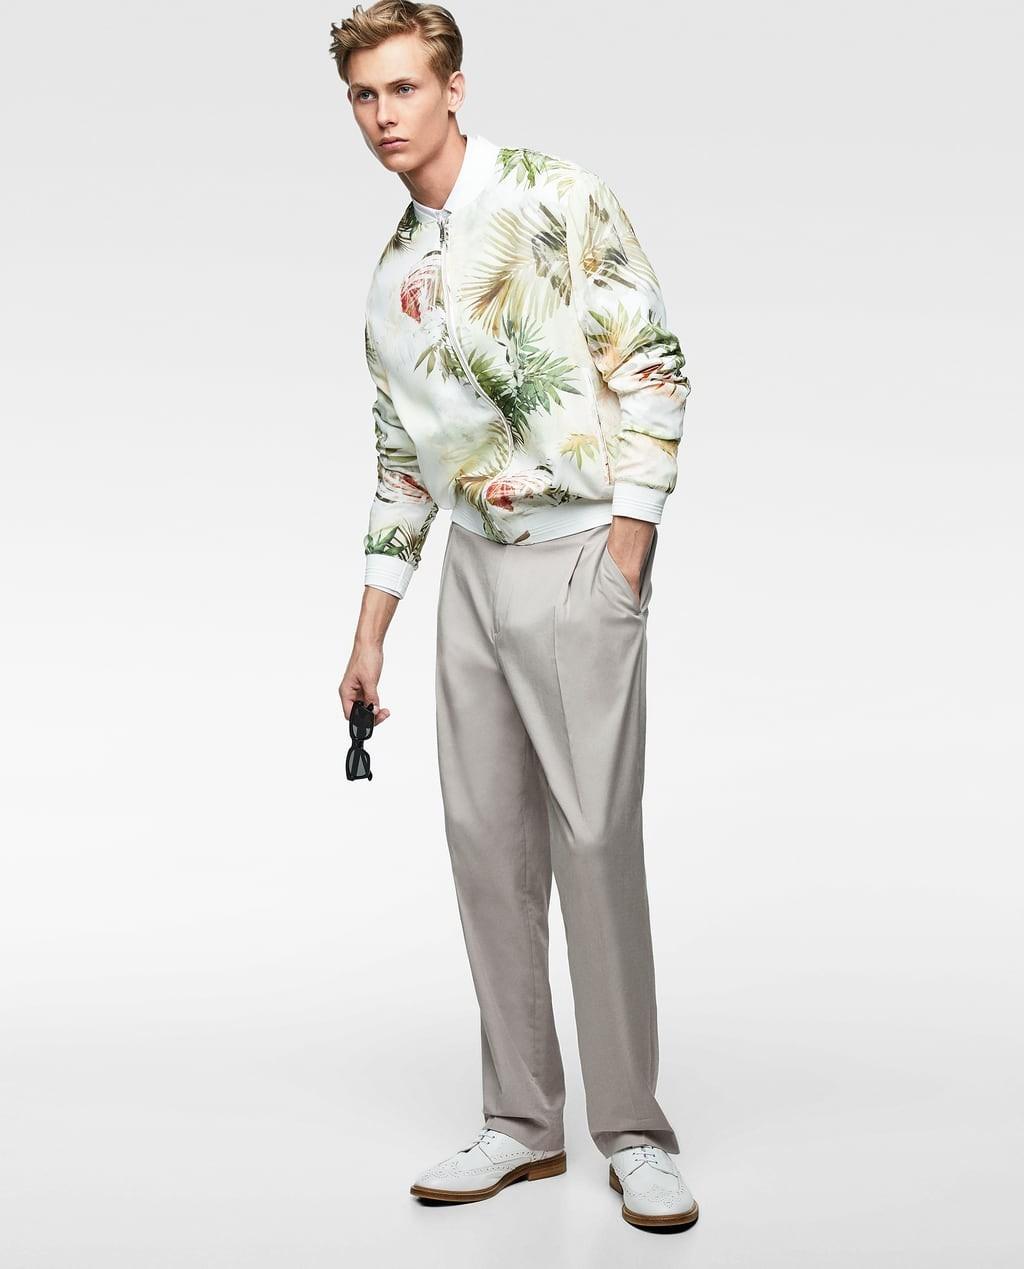 Мода весна лето 2019 основные тенденции для полных рекомендации